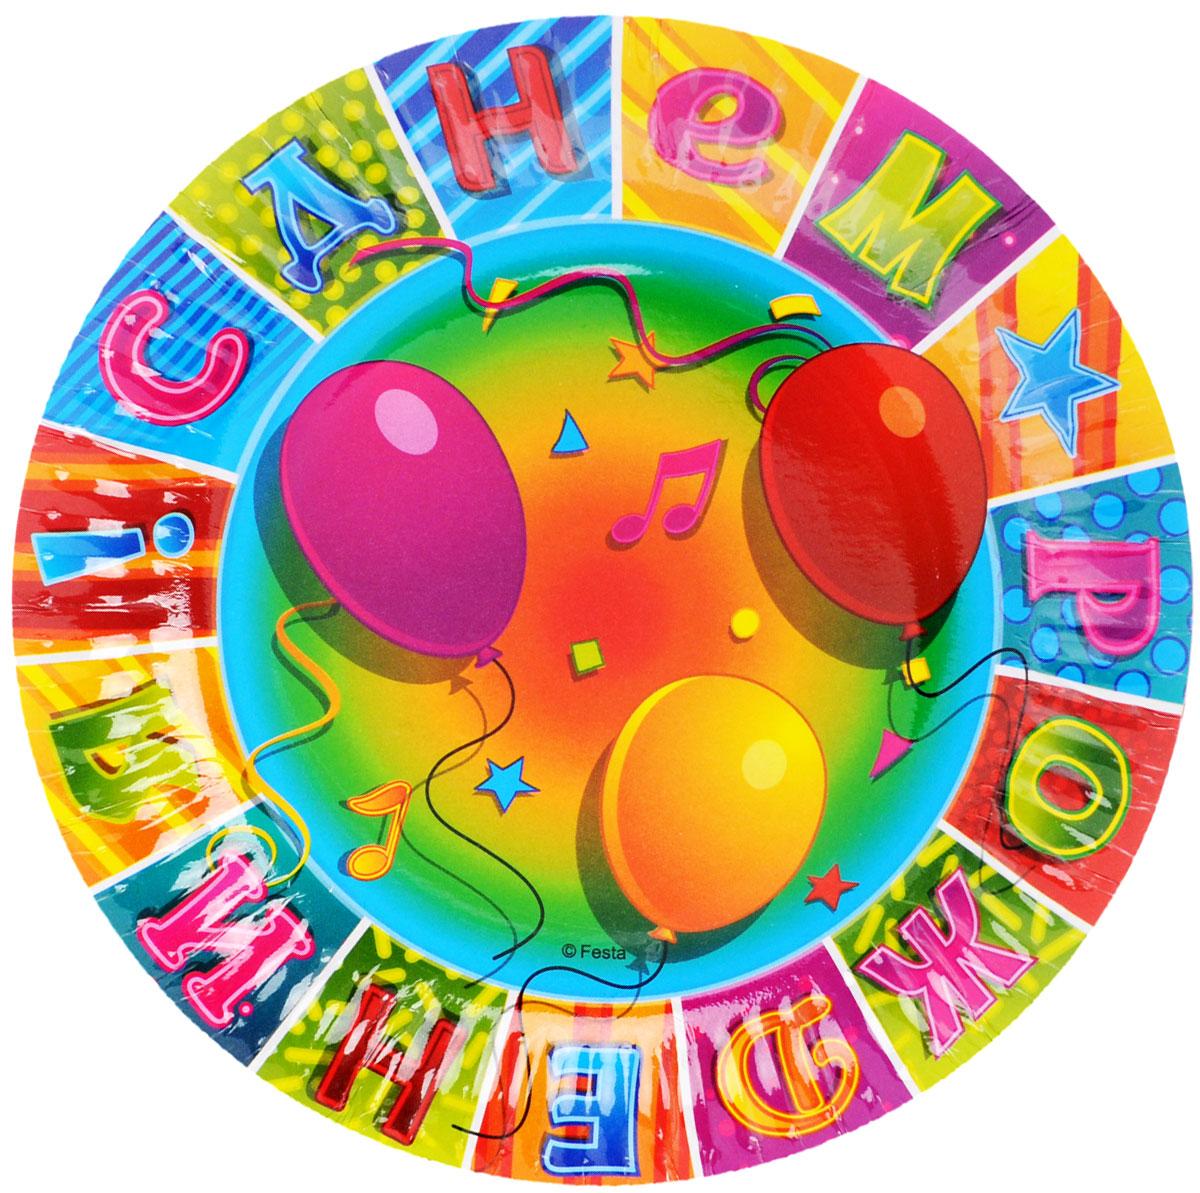 Веселая затея Тарелка бумажная С днем рождения: Мозаика, диаметр 17 см, 6 шт1502-1298Предвкушение праздника - одна из самых приятных эмоций в жизни человека. Радость, улыбки, громкий смех друзей и родных - что может быть лучше этого? Но для того, чтобы каждый праздник был поистине незабываемым, вам не обойтись без ярких и красочных помощников, ведь самое главное в этом случае - детали. Тарелка бумажная Веселая затея С днем рождения: Мозаика украсит стол именинника и создаст праздничную атмосферу. Благодаря рифленым краям тарелка будет крепко держаться в руке и кусок праздничного торта не окажется на скатерти. В комплекте 6 тарелок.